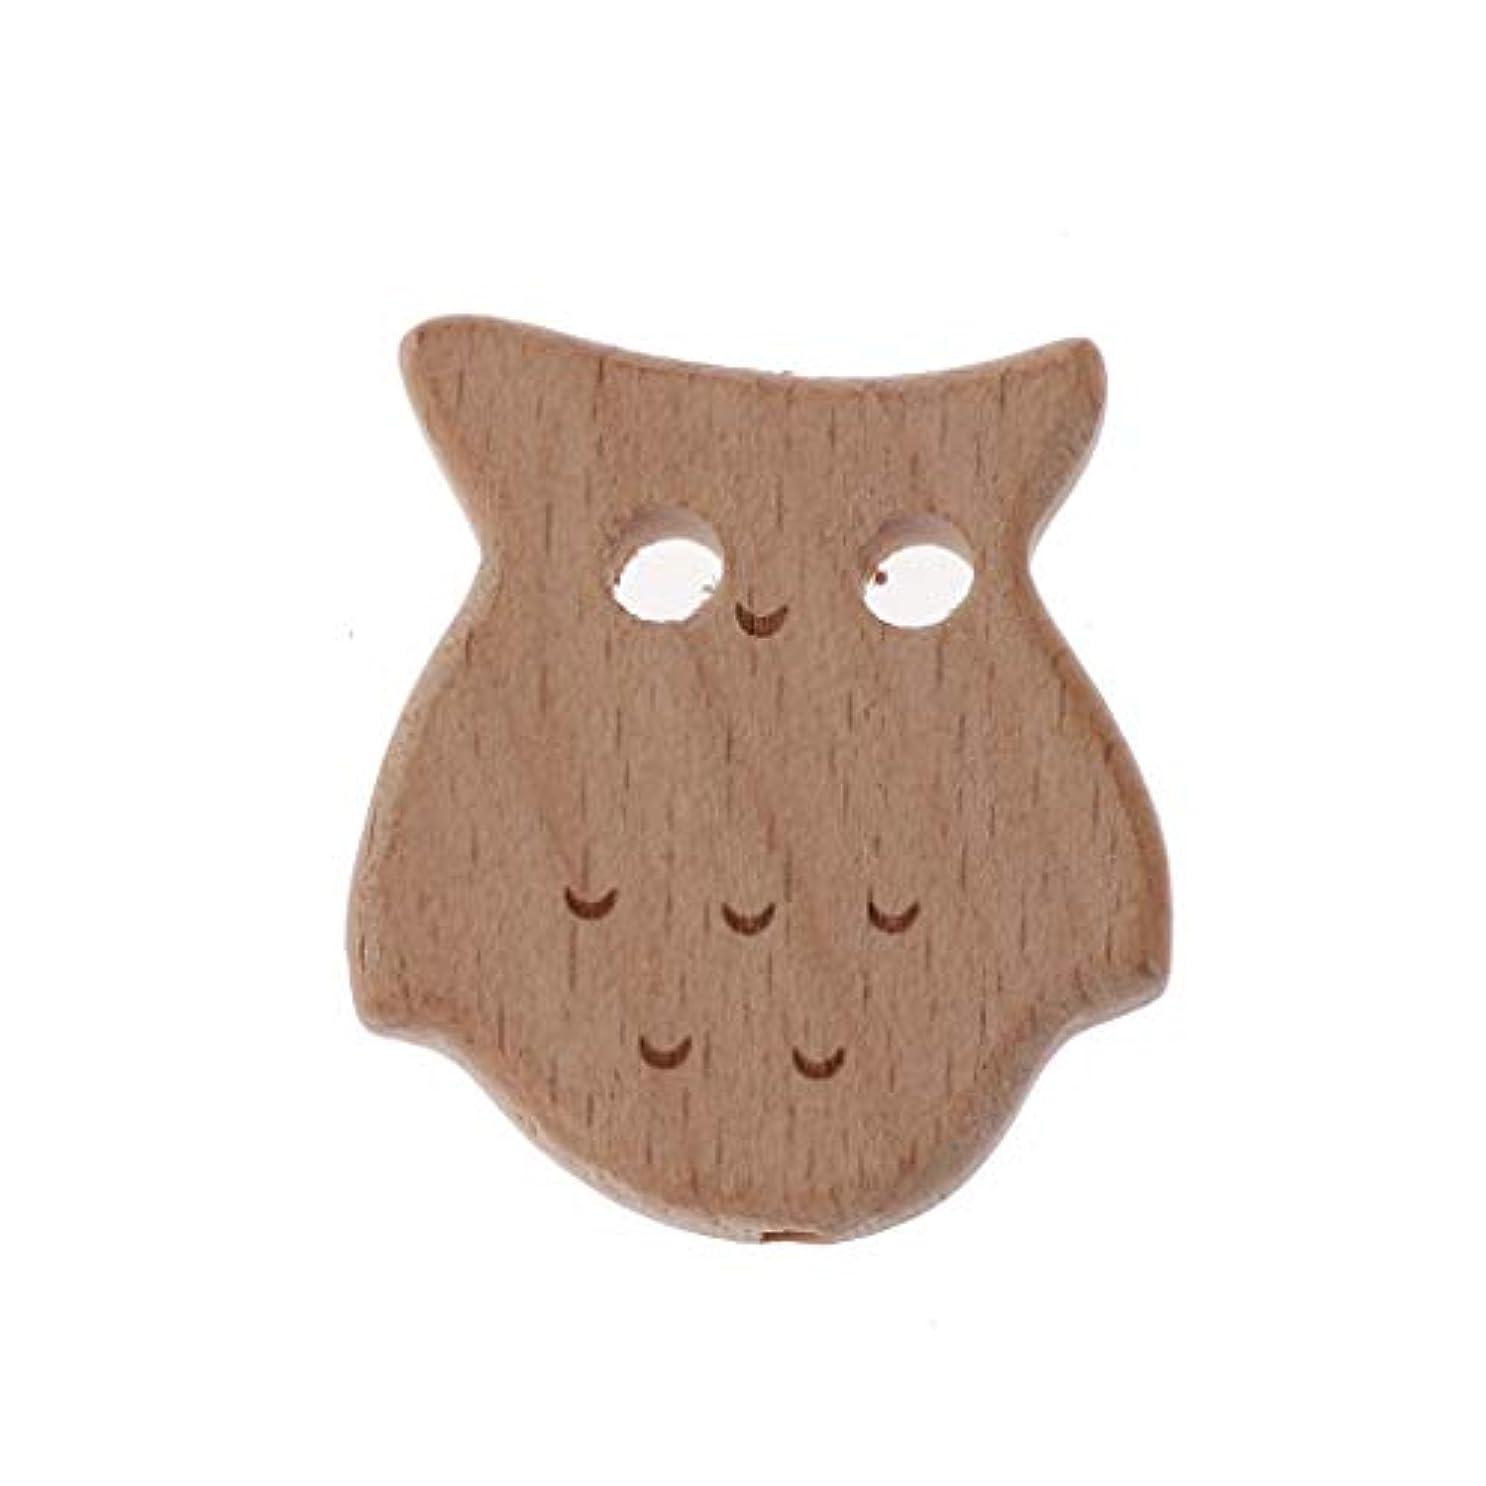 階下証明するフラッシュのように素早くLandwoodウッド歯が生えるビーズニレ動物ビーズ赤ちゃんのおもちゃDIYおしゃぶりチェーンアクセサリー - フクロウ